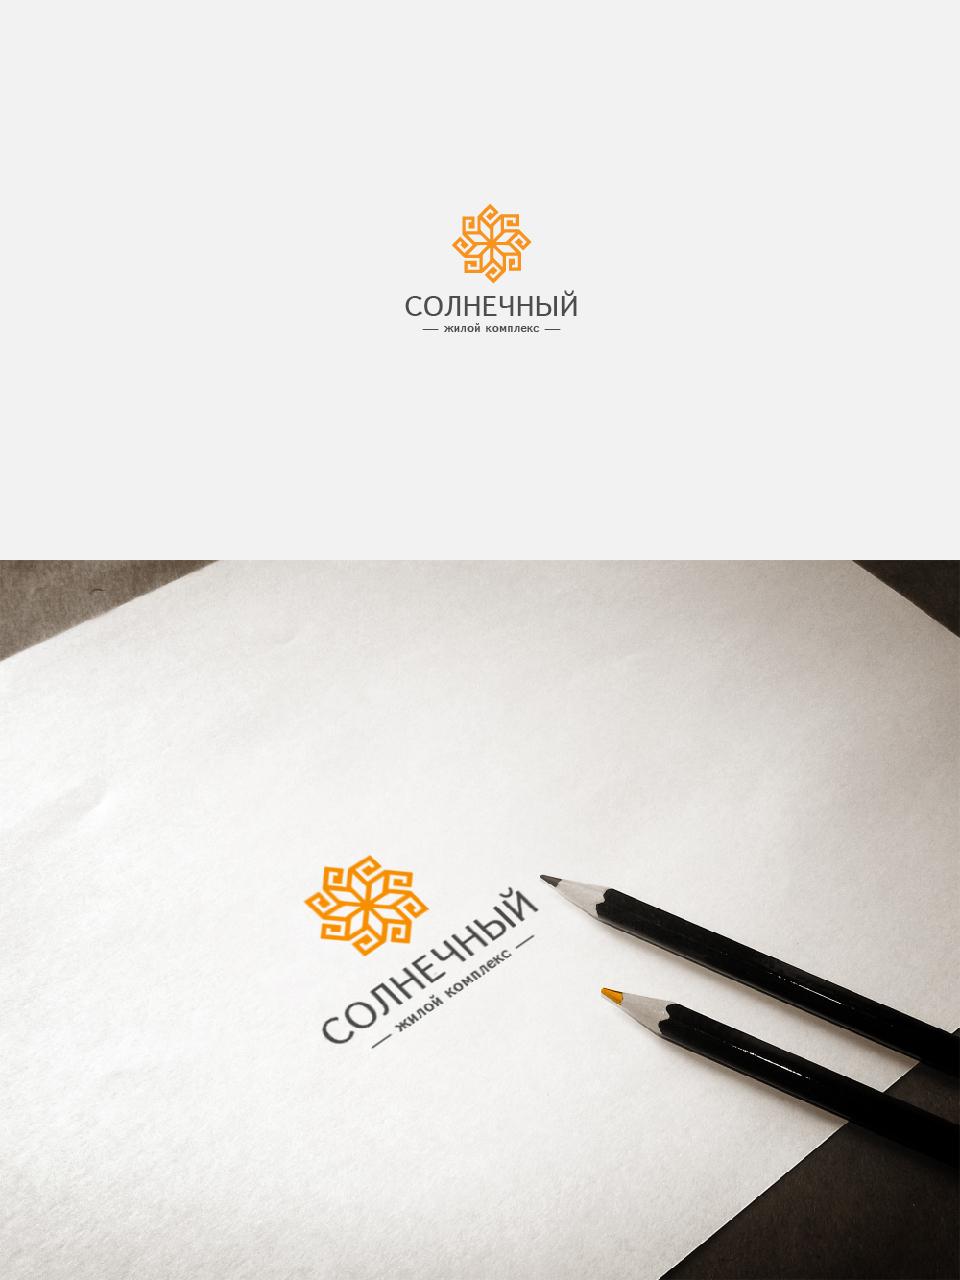 Разработка логотипа и фирменный стиль фото f_310596f4e04e03ac.jpg